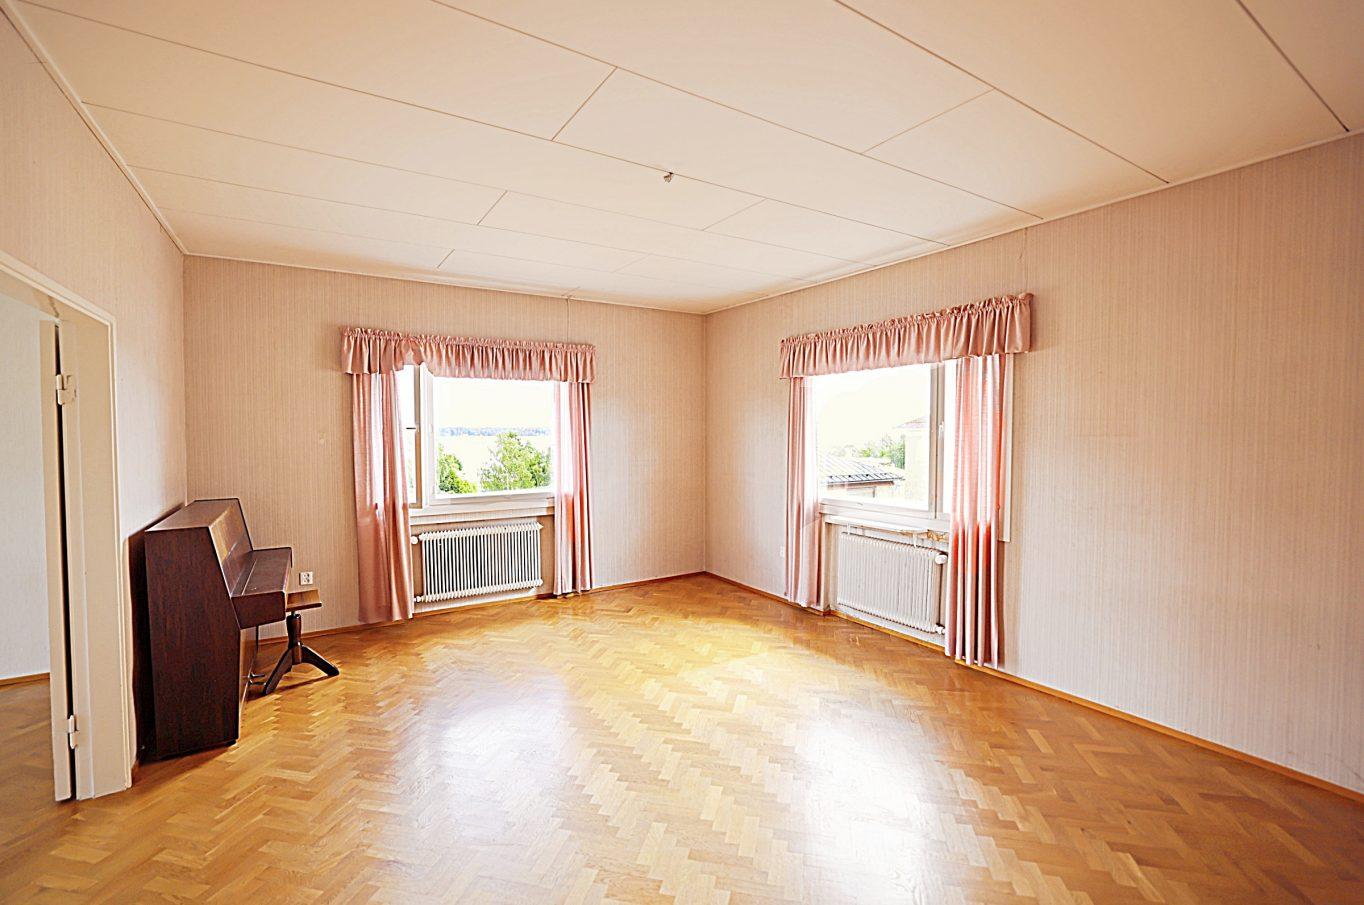 Central lägenhet om 4 rum och kök vid Strandgatan 2 i Mariehamn